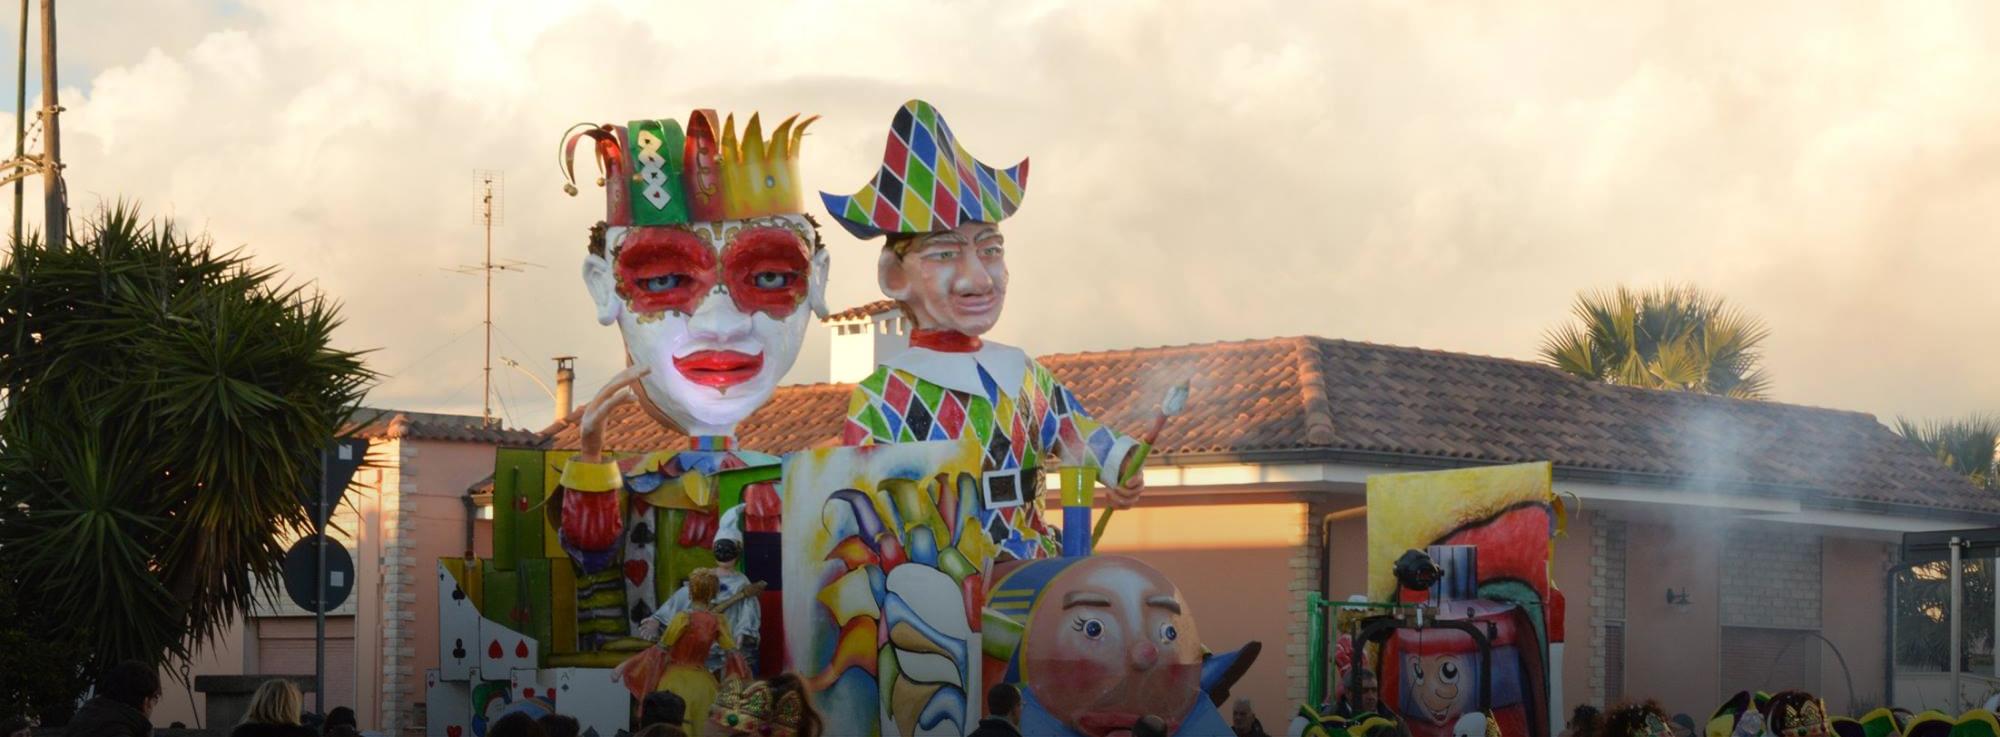 Melissano: Carnevale di Melissano - 13esima edizione